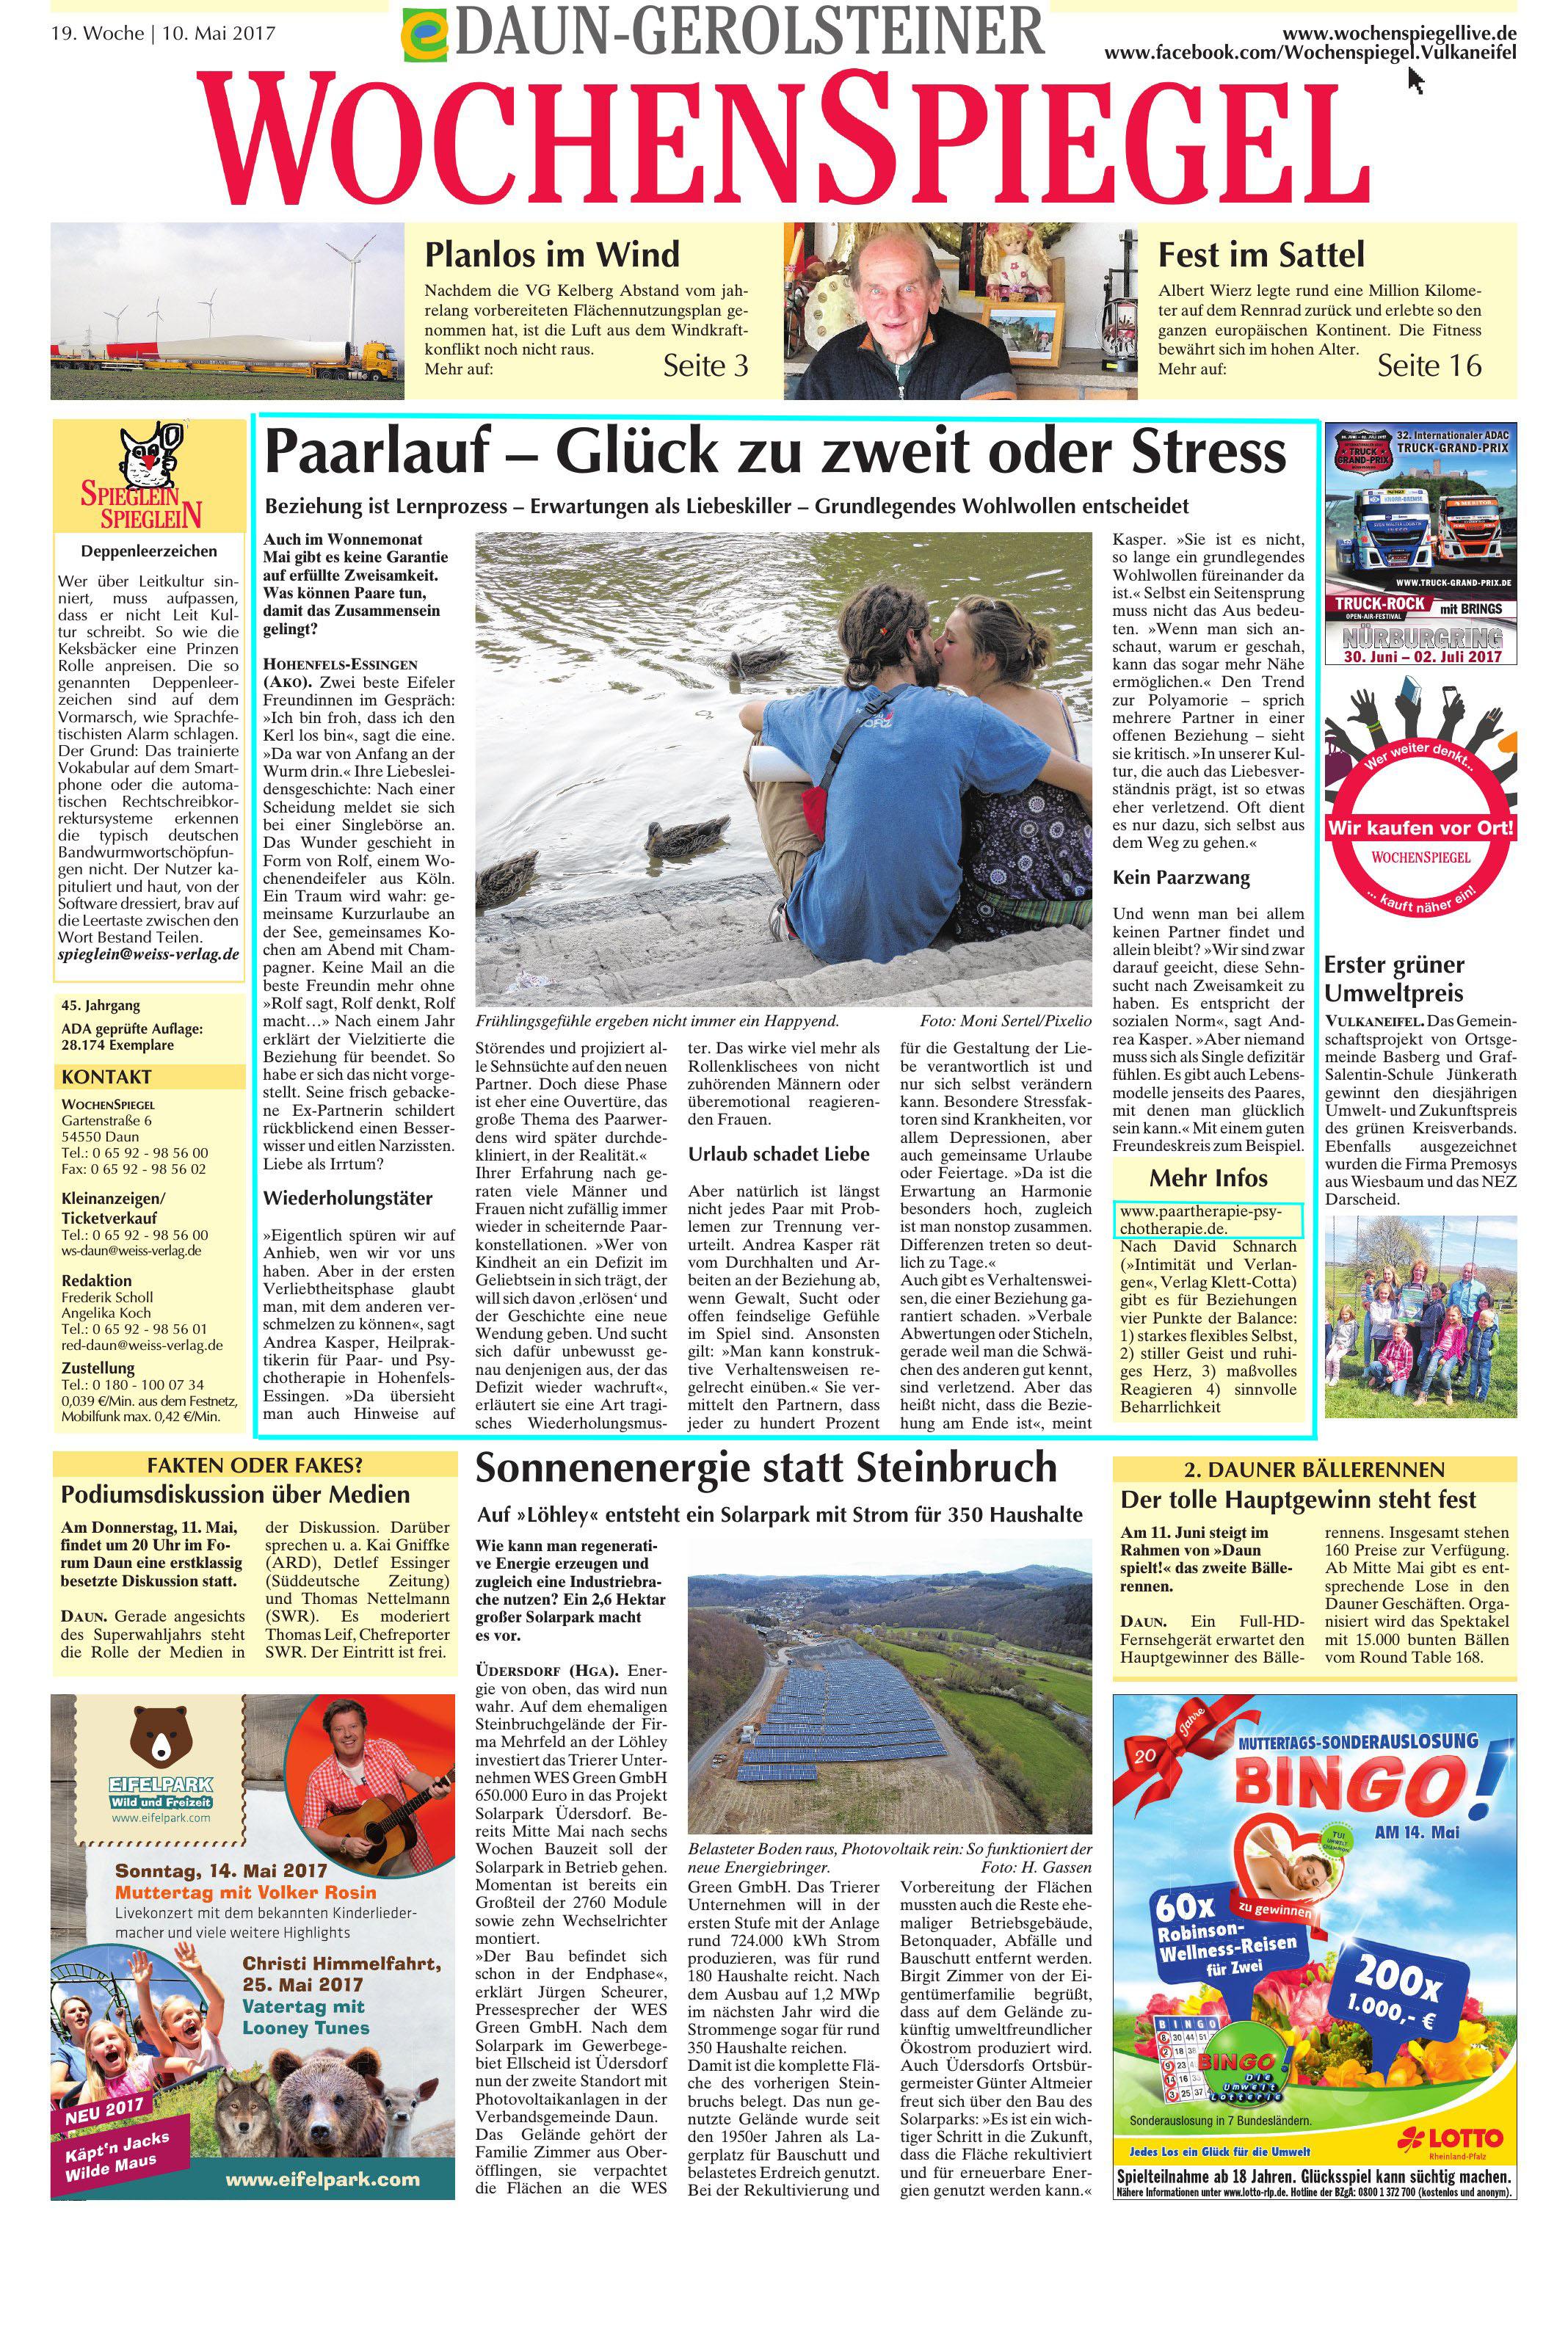 Daun-Gerolsteiner Wochenspiegel vom 10.05.2017